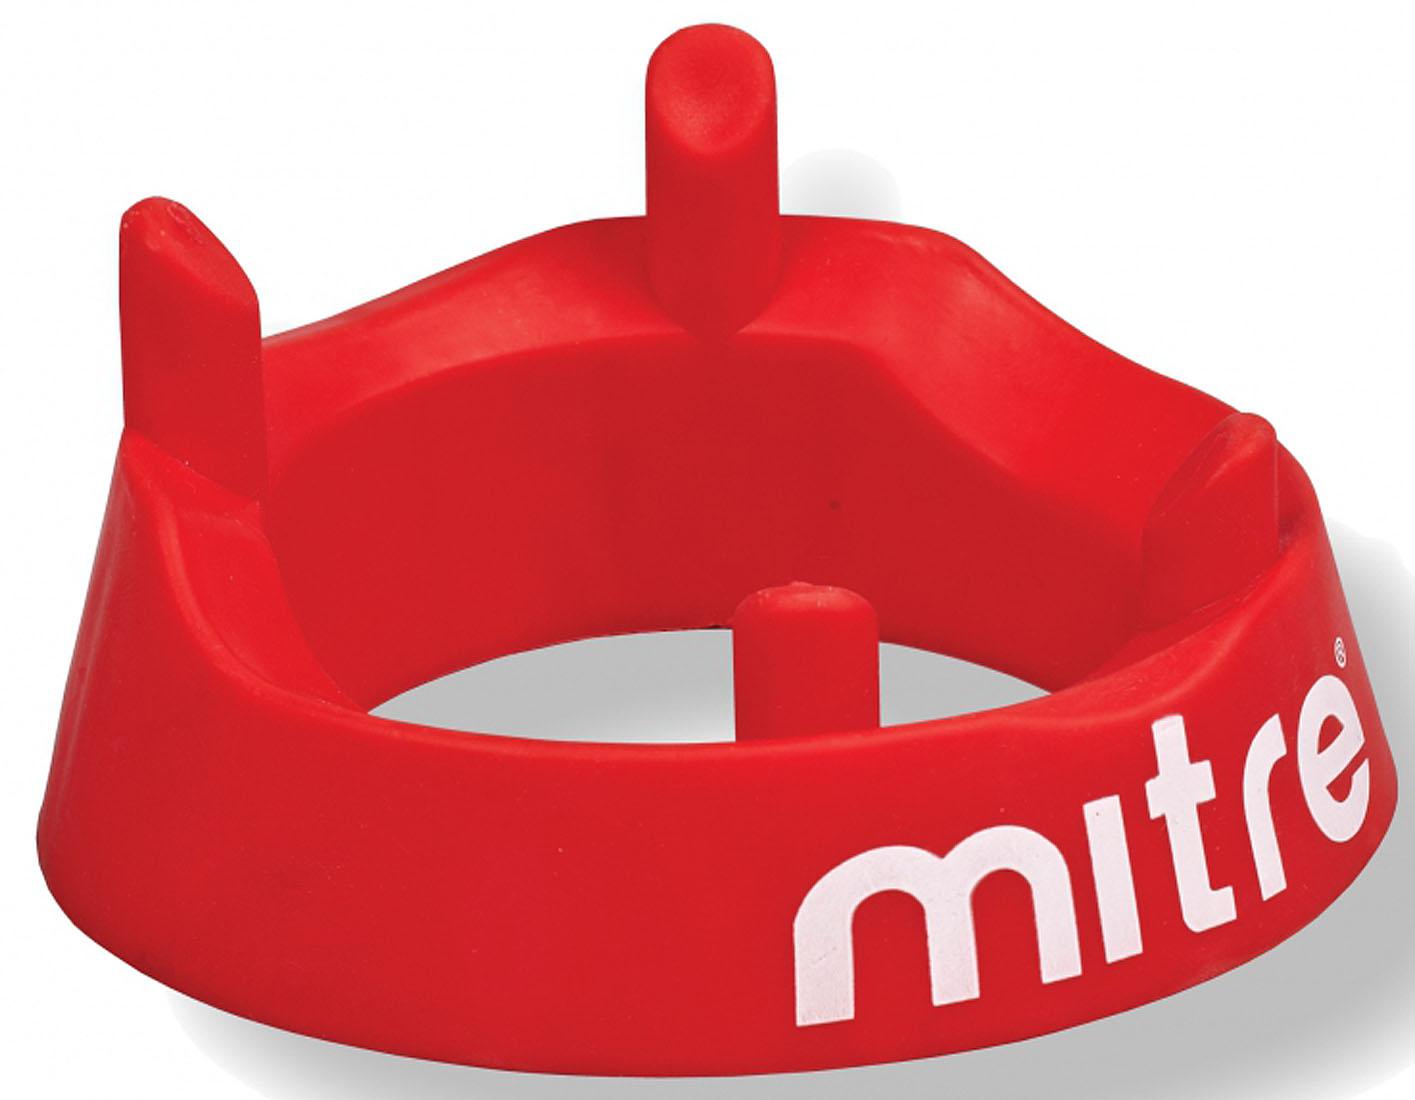 Подставка для регбийного мяча Mitre, цвет: красныйА3062Подставка Mitre, изготовленная из мягкого пластика, это необходимый аксессуар для современного регби. Она позволяет игроку устанавливать мяч для удара в удобное для бьющего положение.